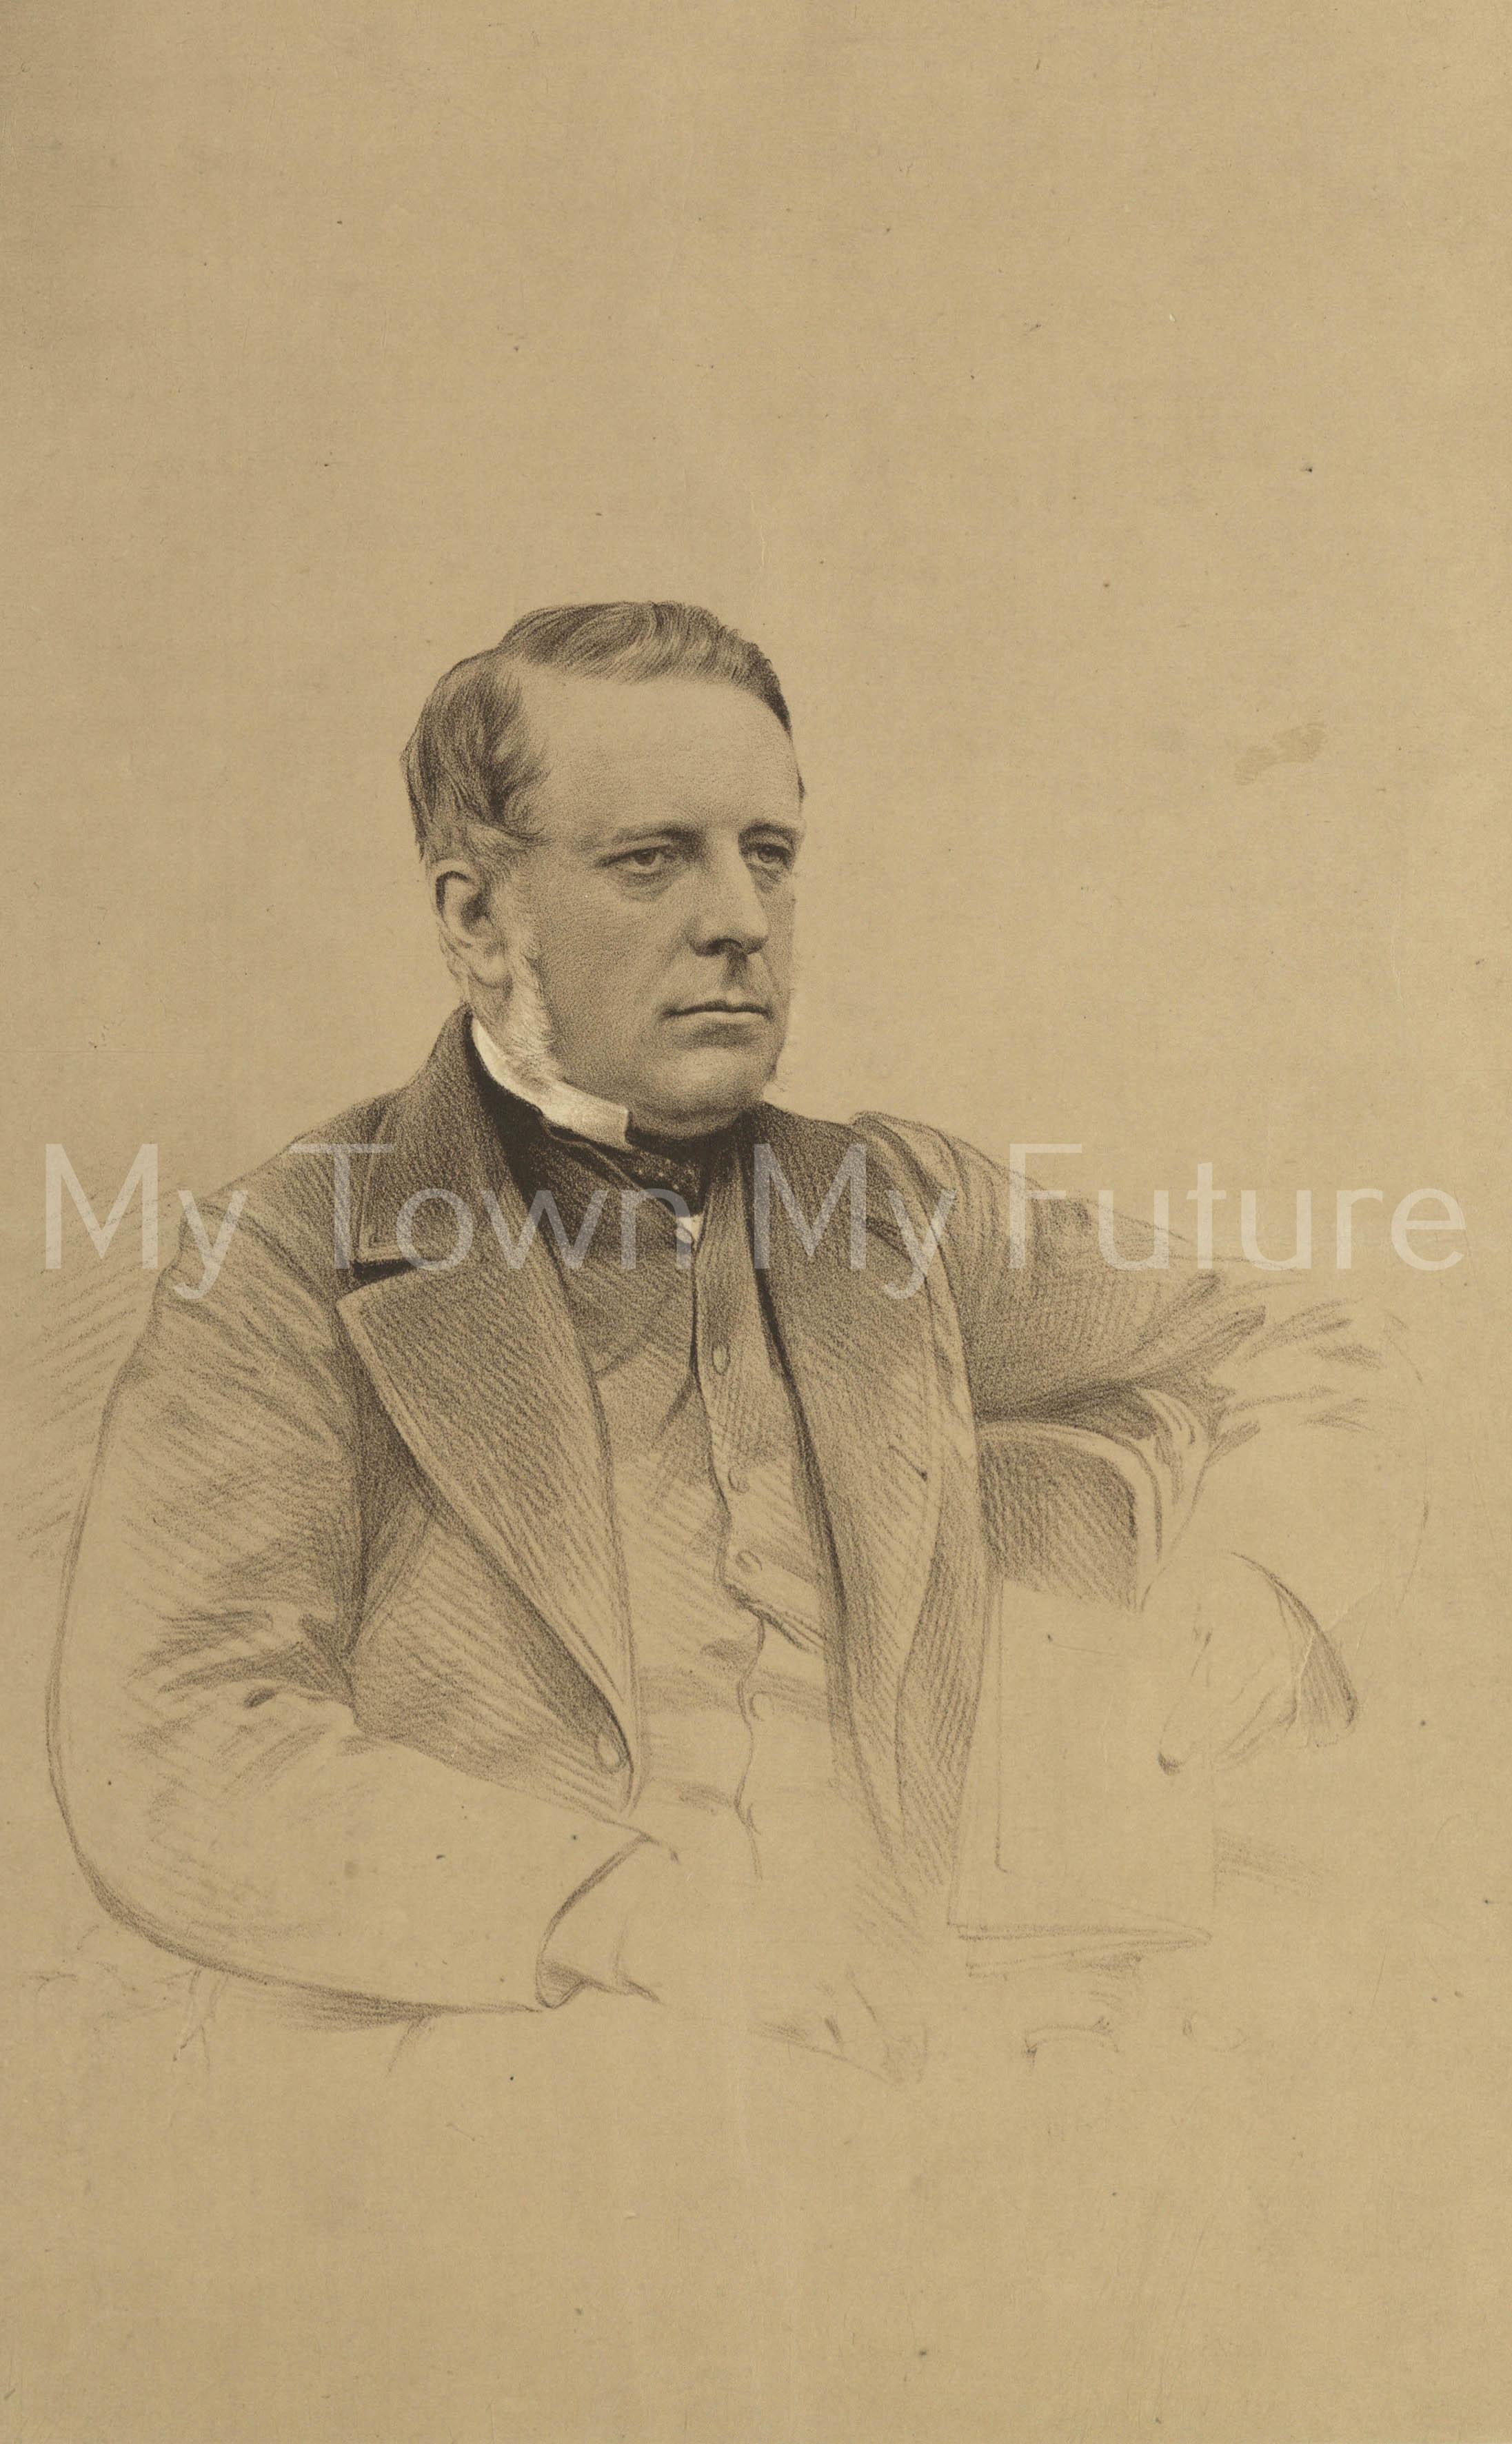 Thomas Parrington